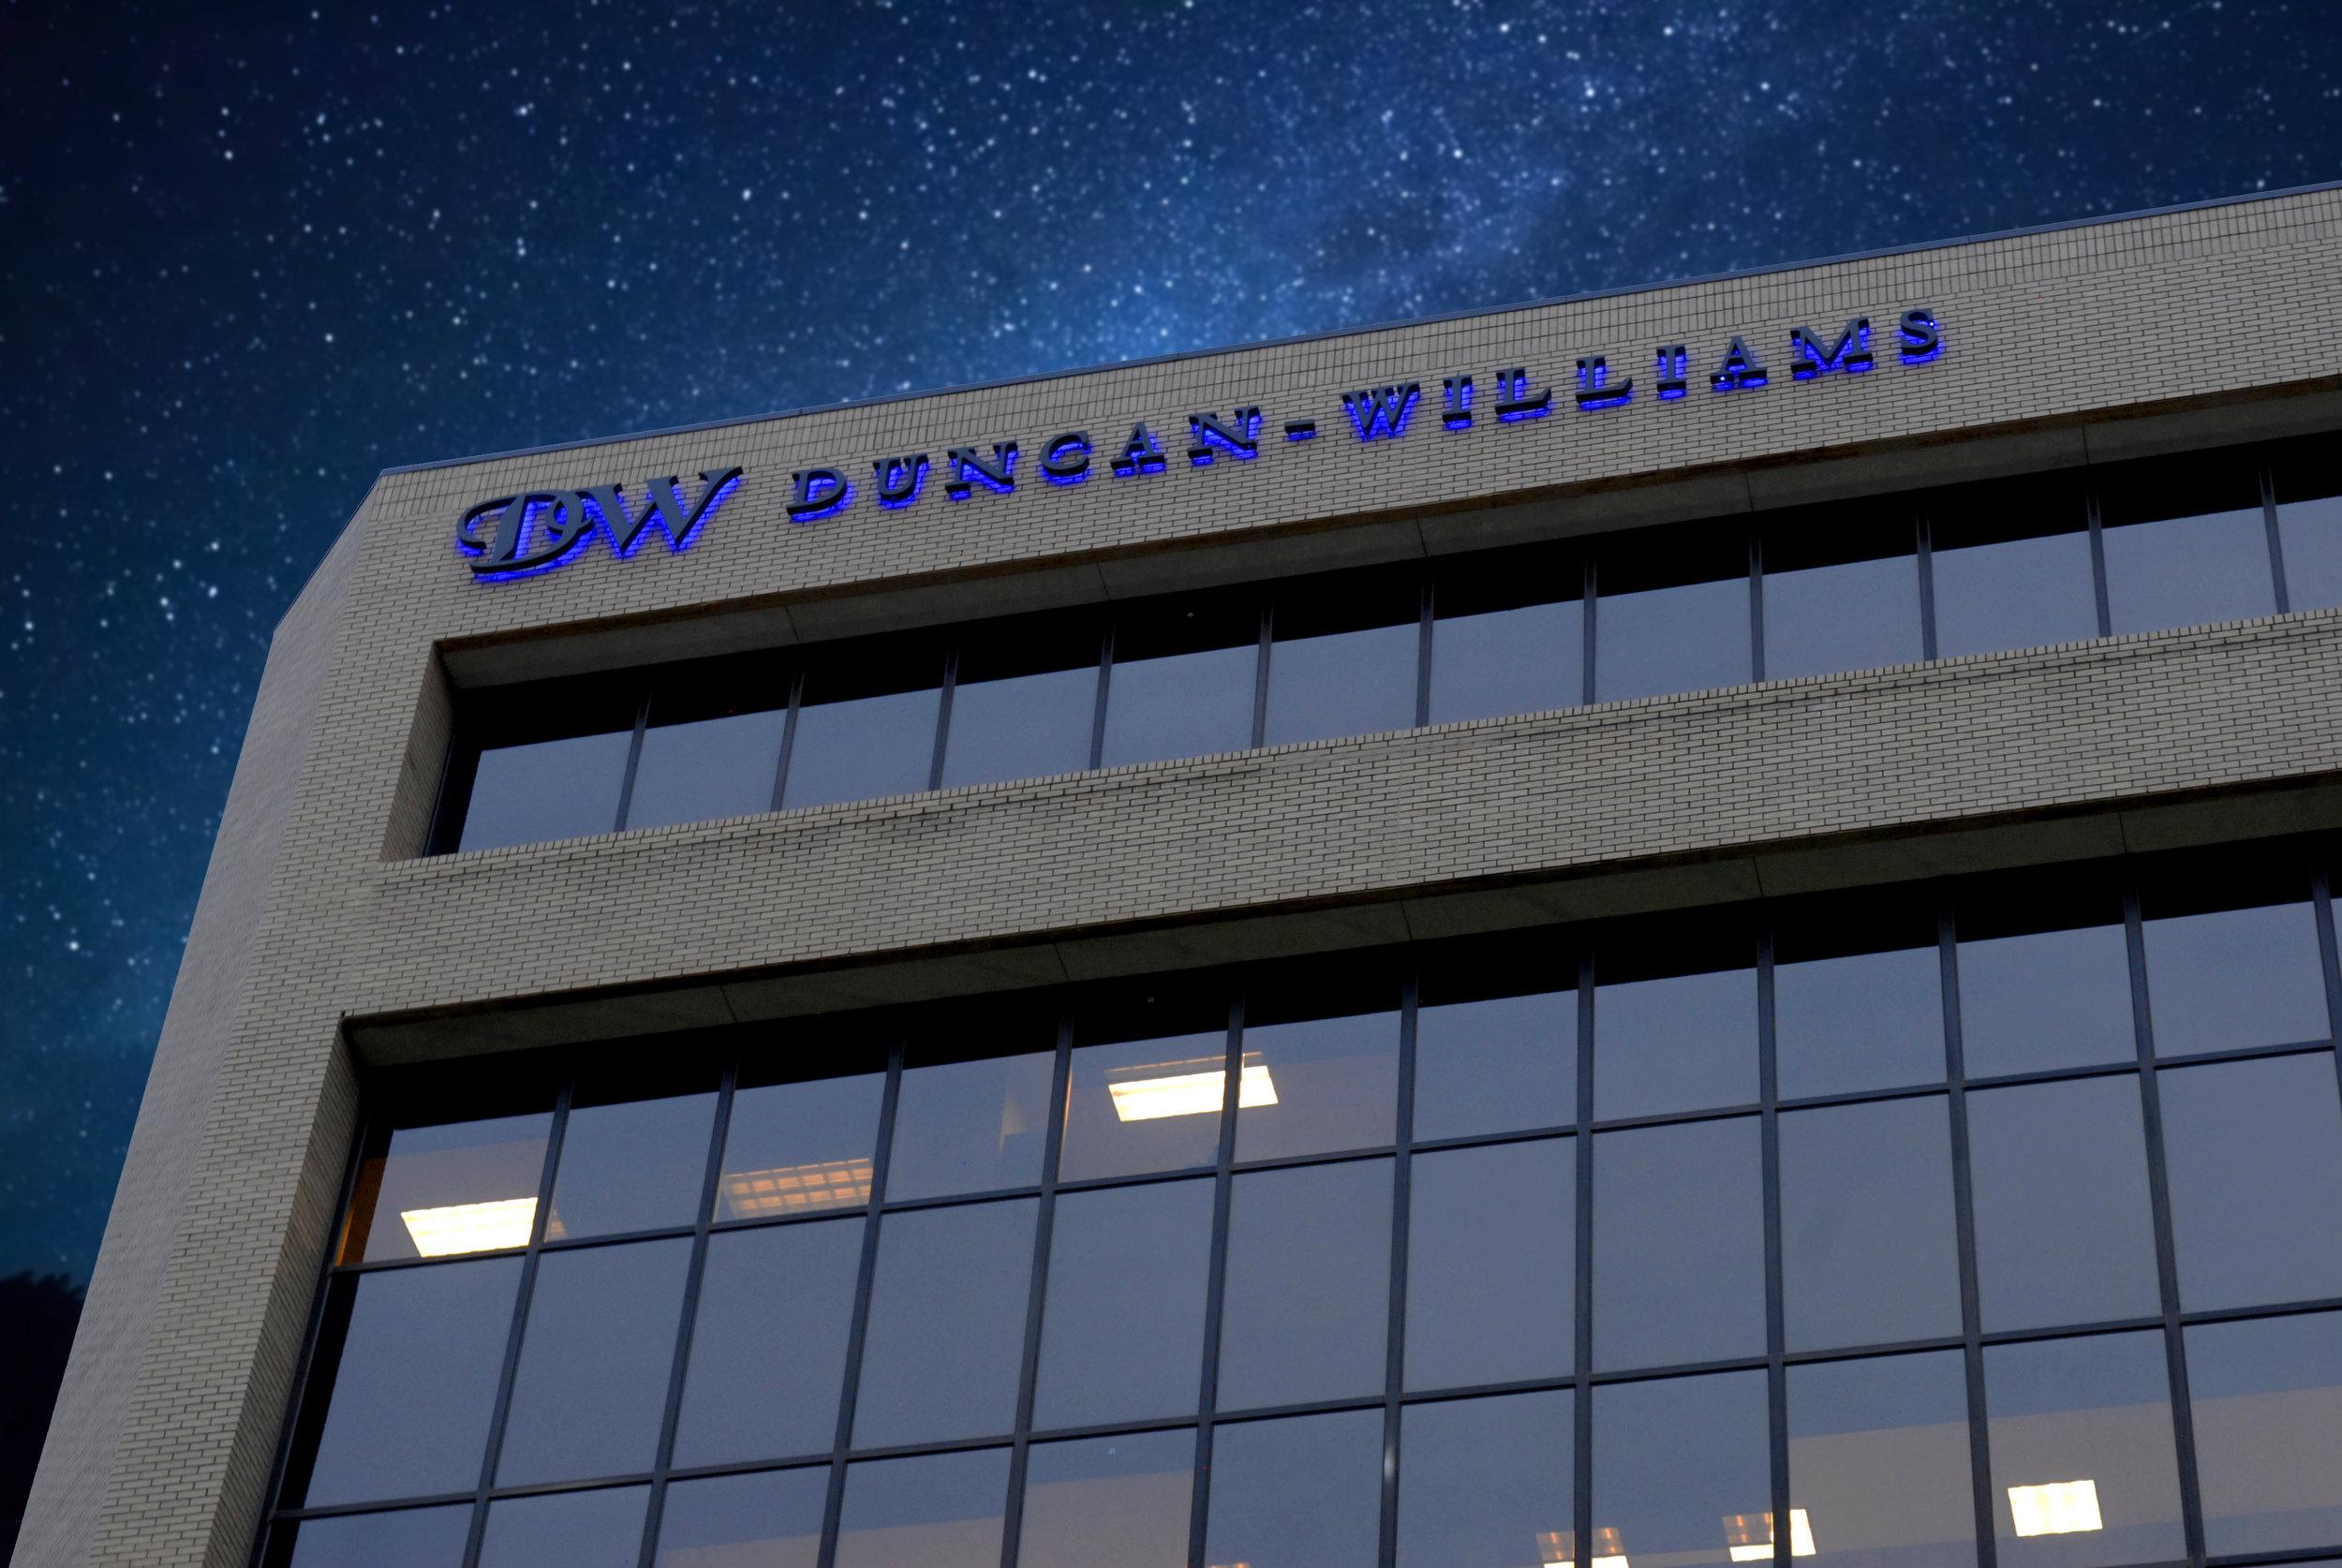 Duncan Williams Illuminated Building Sign